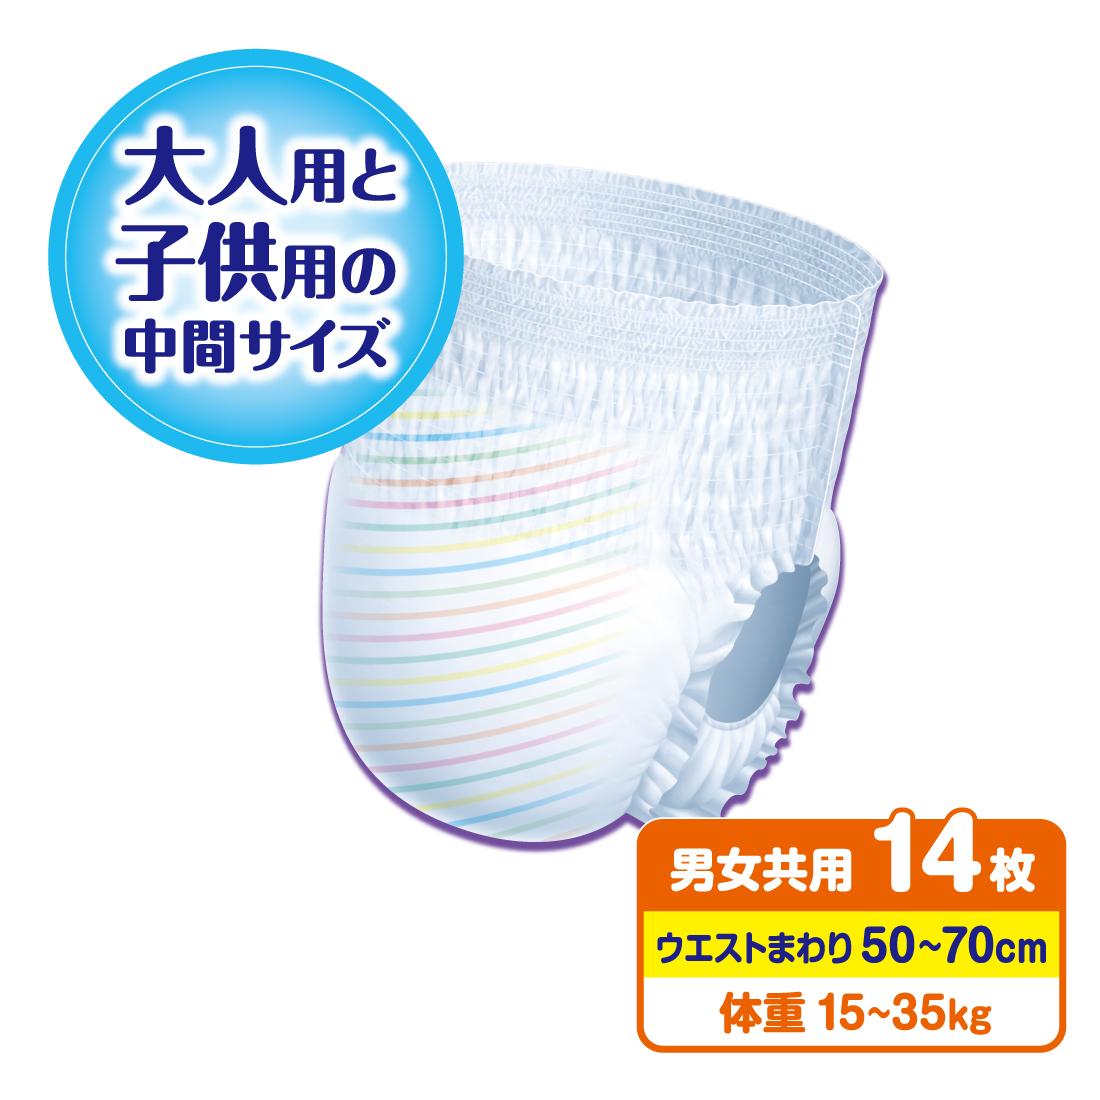 グーンスーパーBIGパンツ 14枚入【753859】